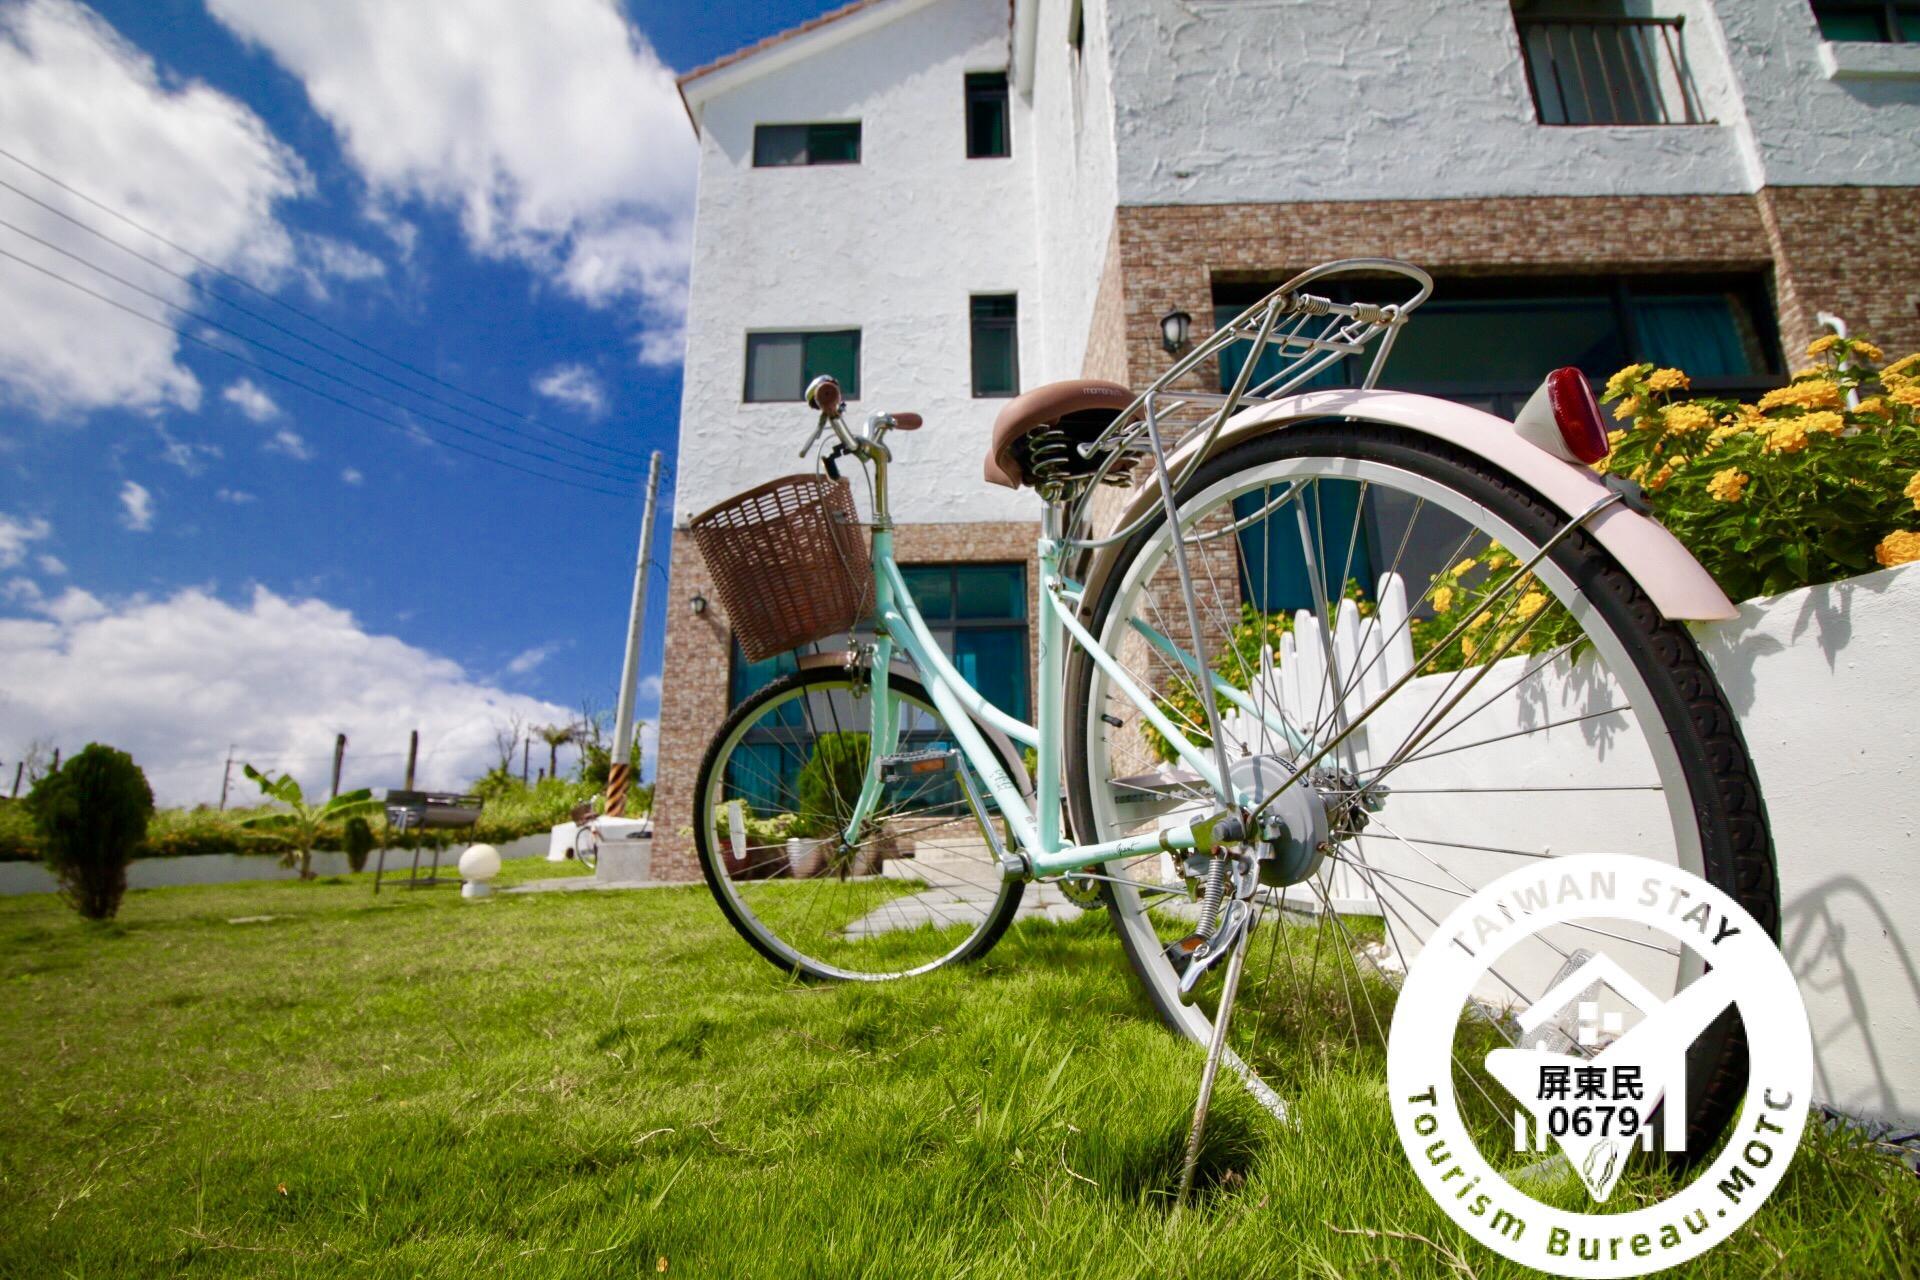 戶外兔子庭園/免費腳踏車租借